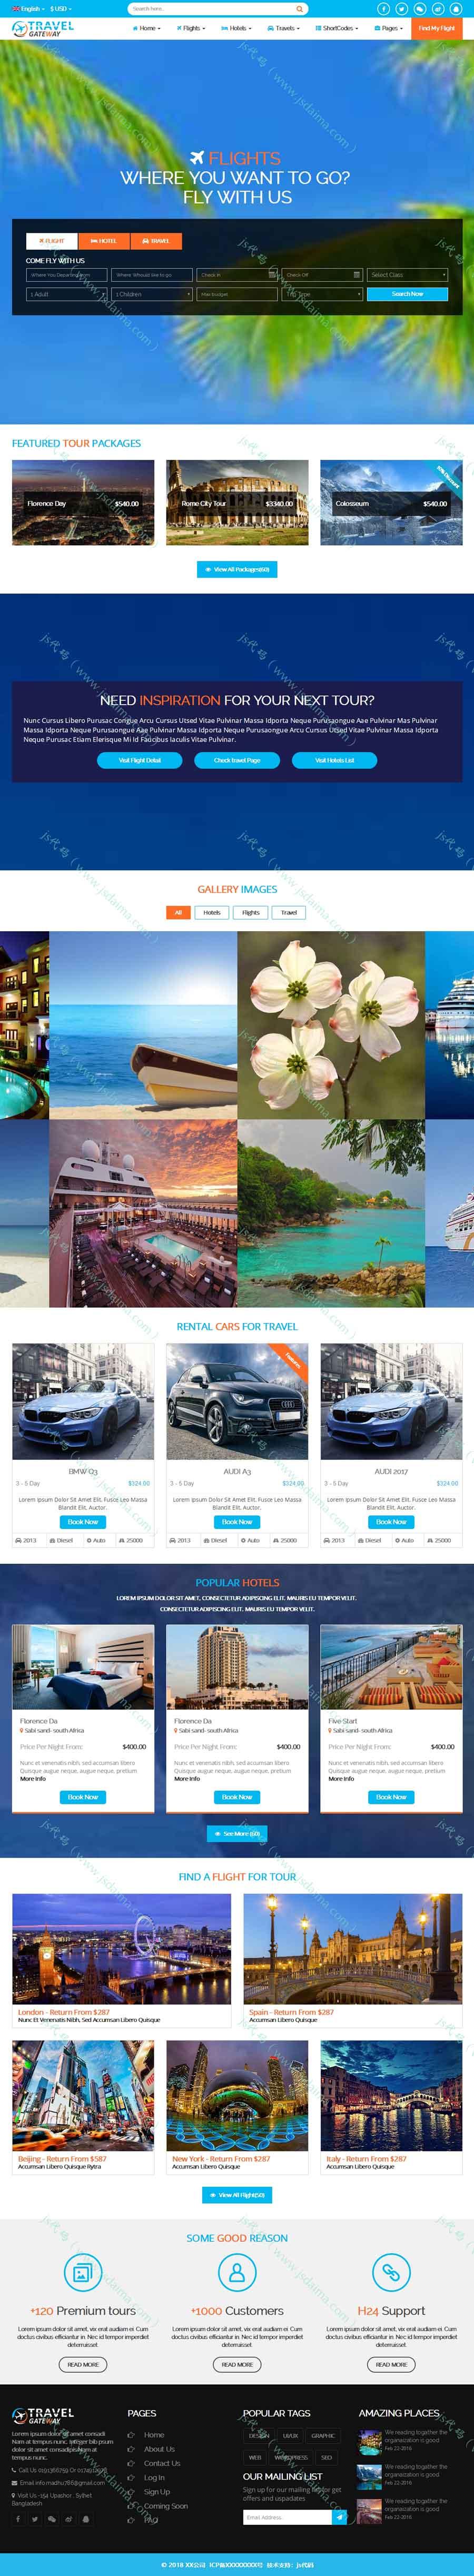 HTML5高端大气响应式旅游酒店机票旅行社公司网站模板